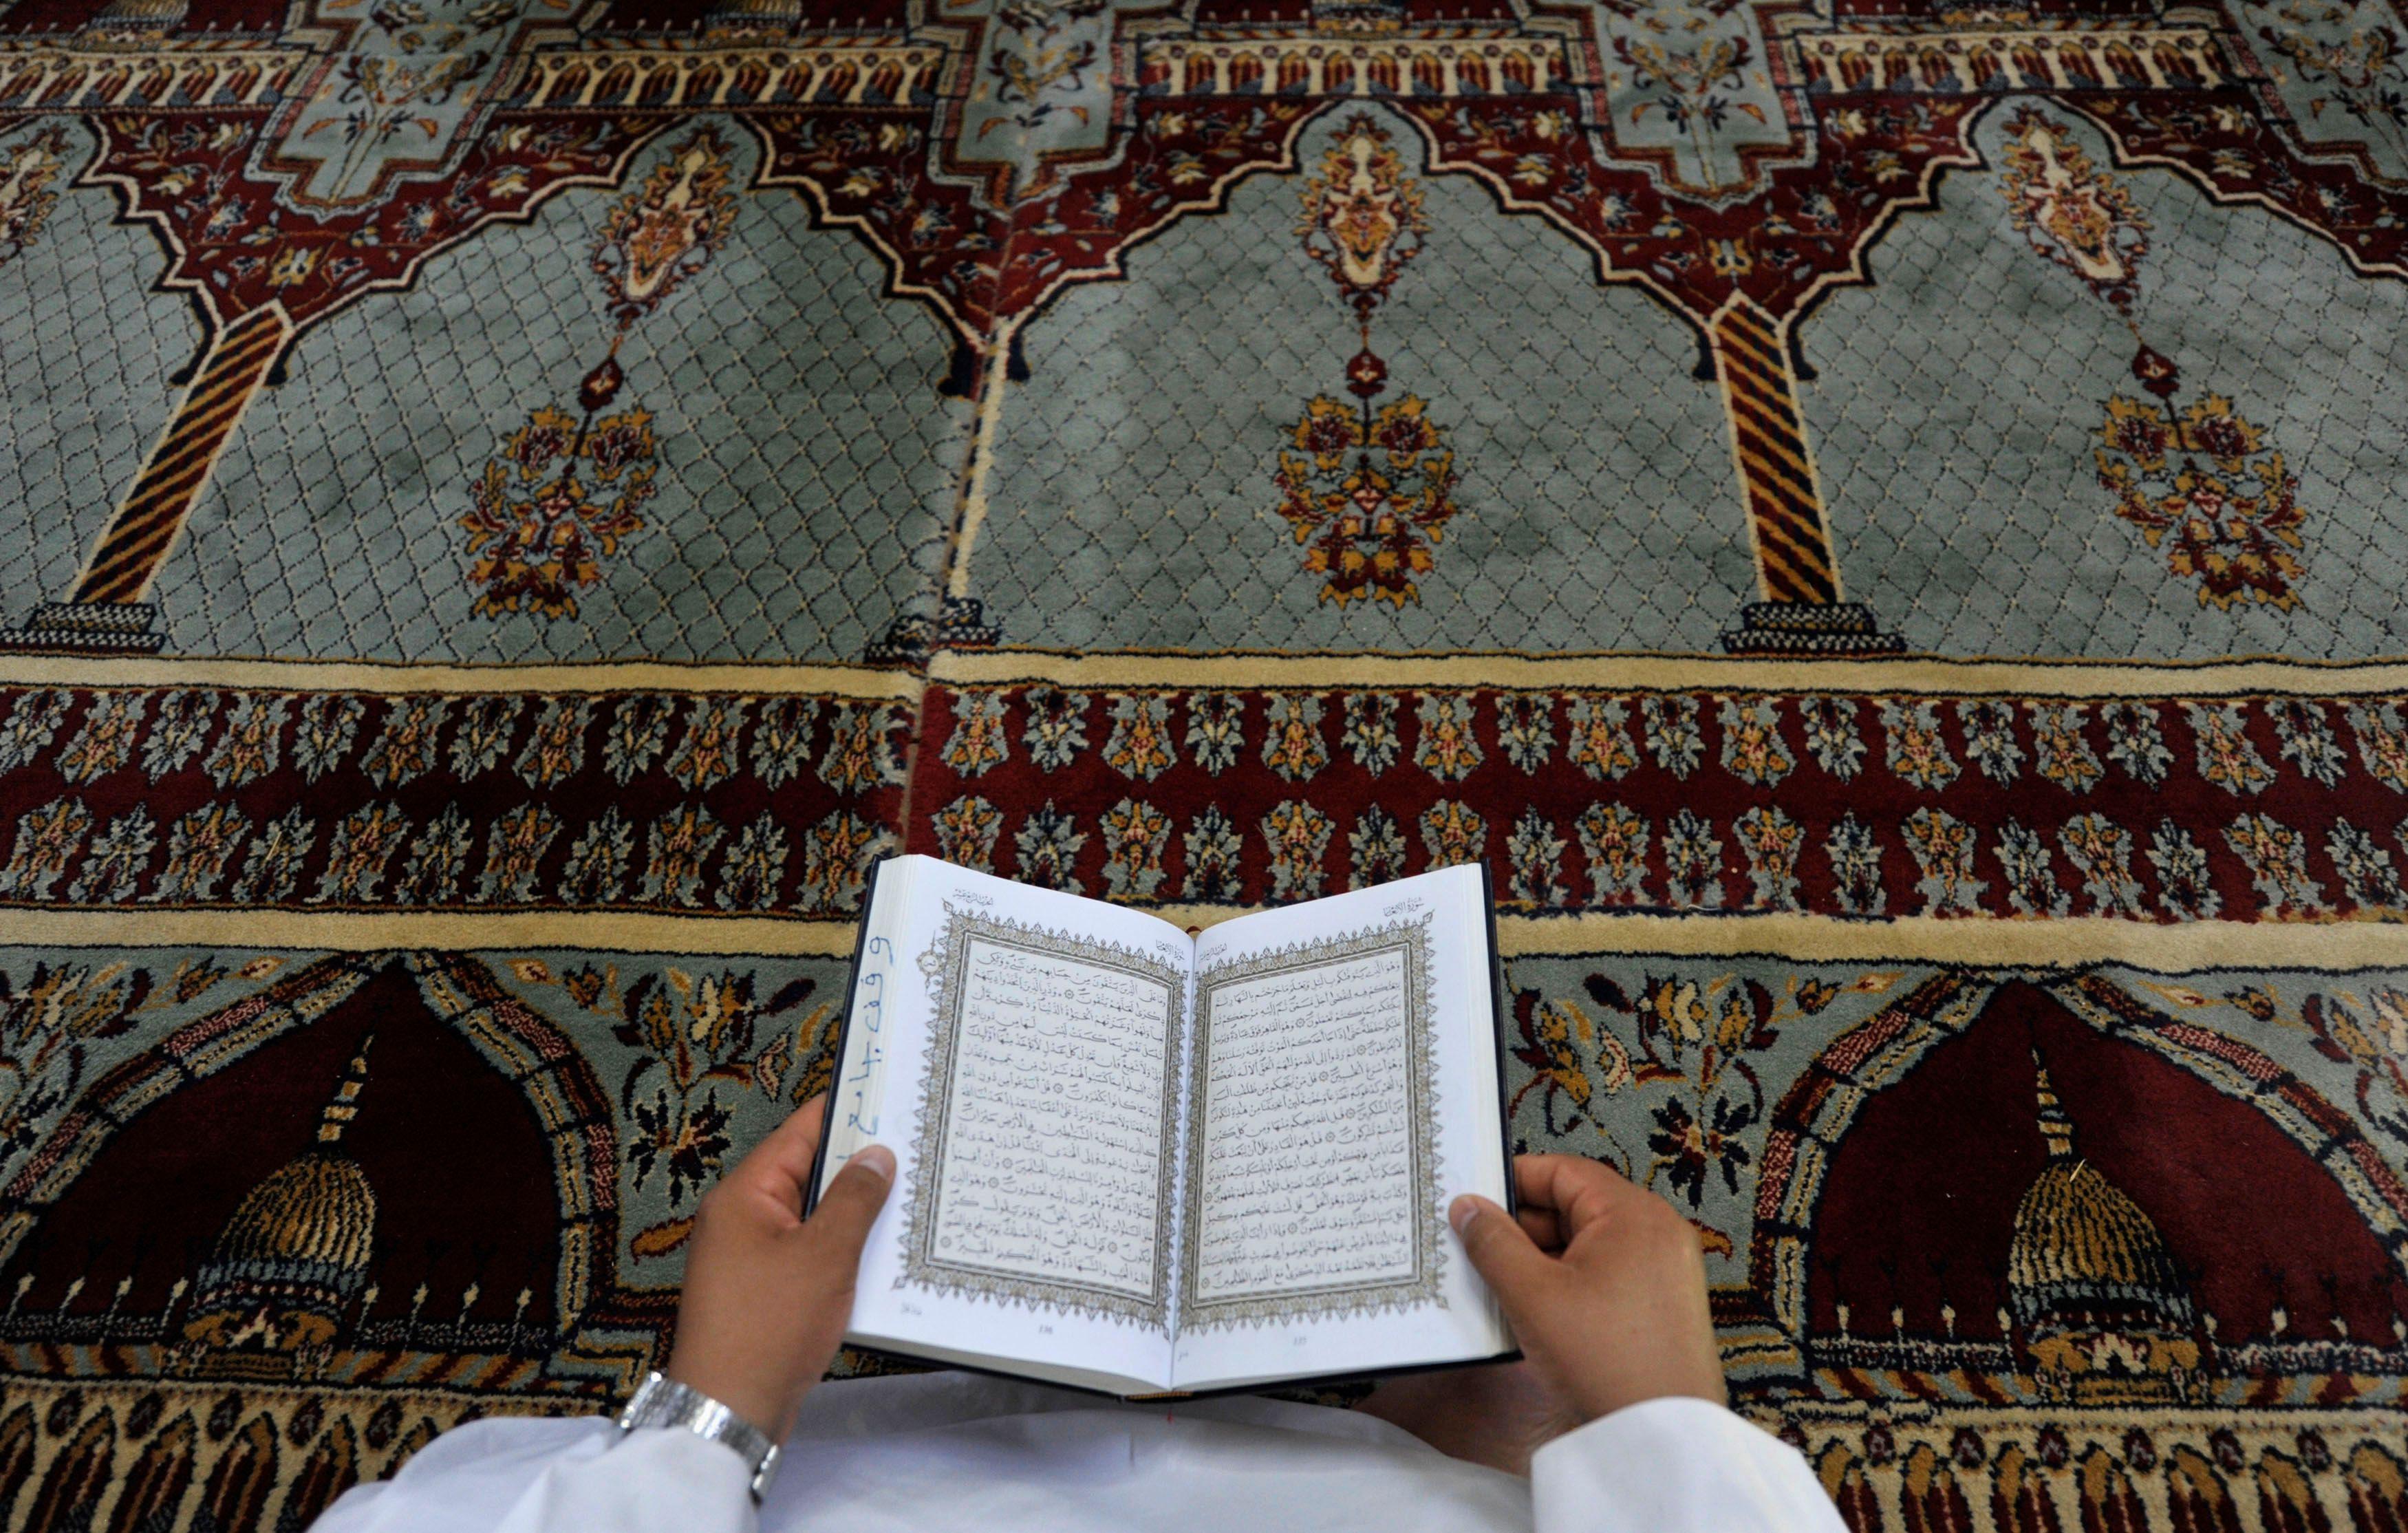 Refus de l'homosexualité, polygamie, charia, interdiction du blasphème… Ce que nous apprend l'enquête choc sur les attentes des musulmans britanniques